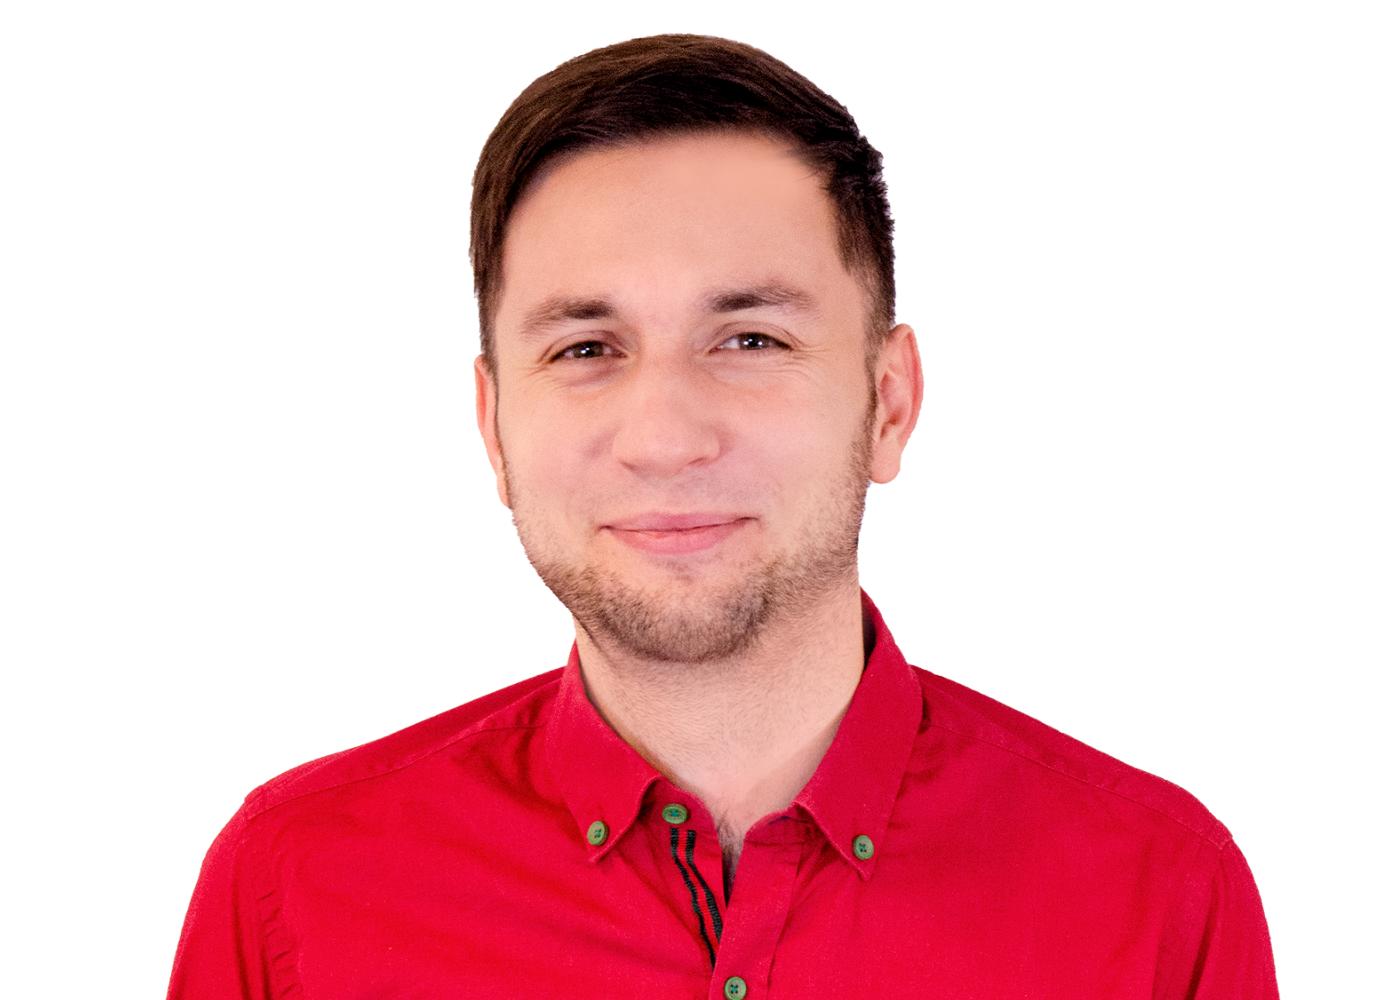 Michał Bednarczyk dołącza do contenthouse